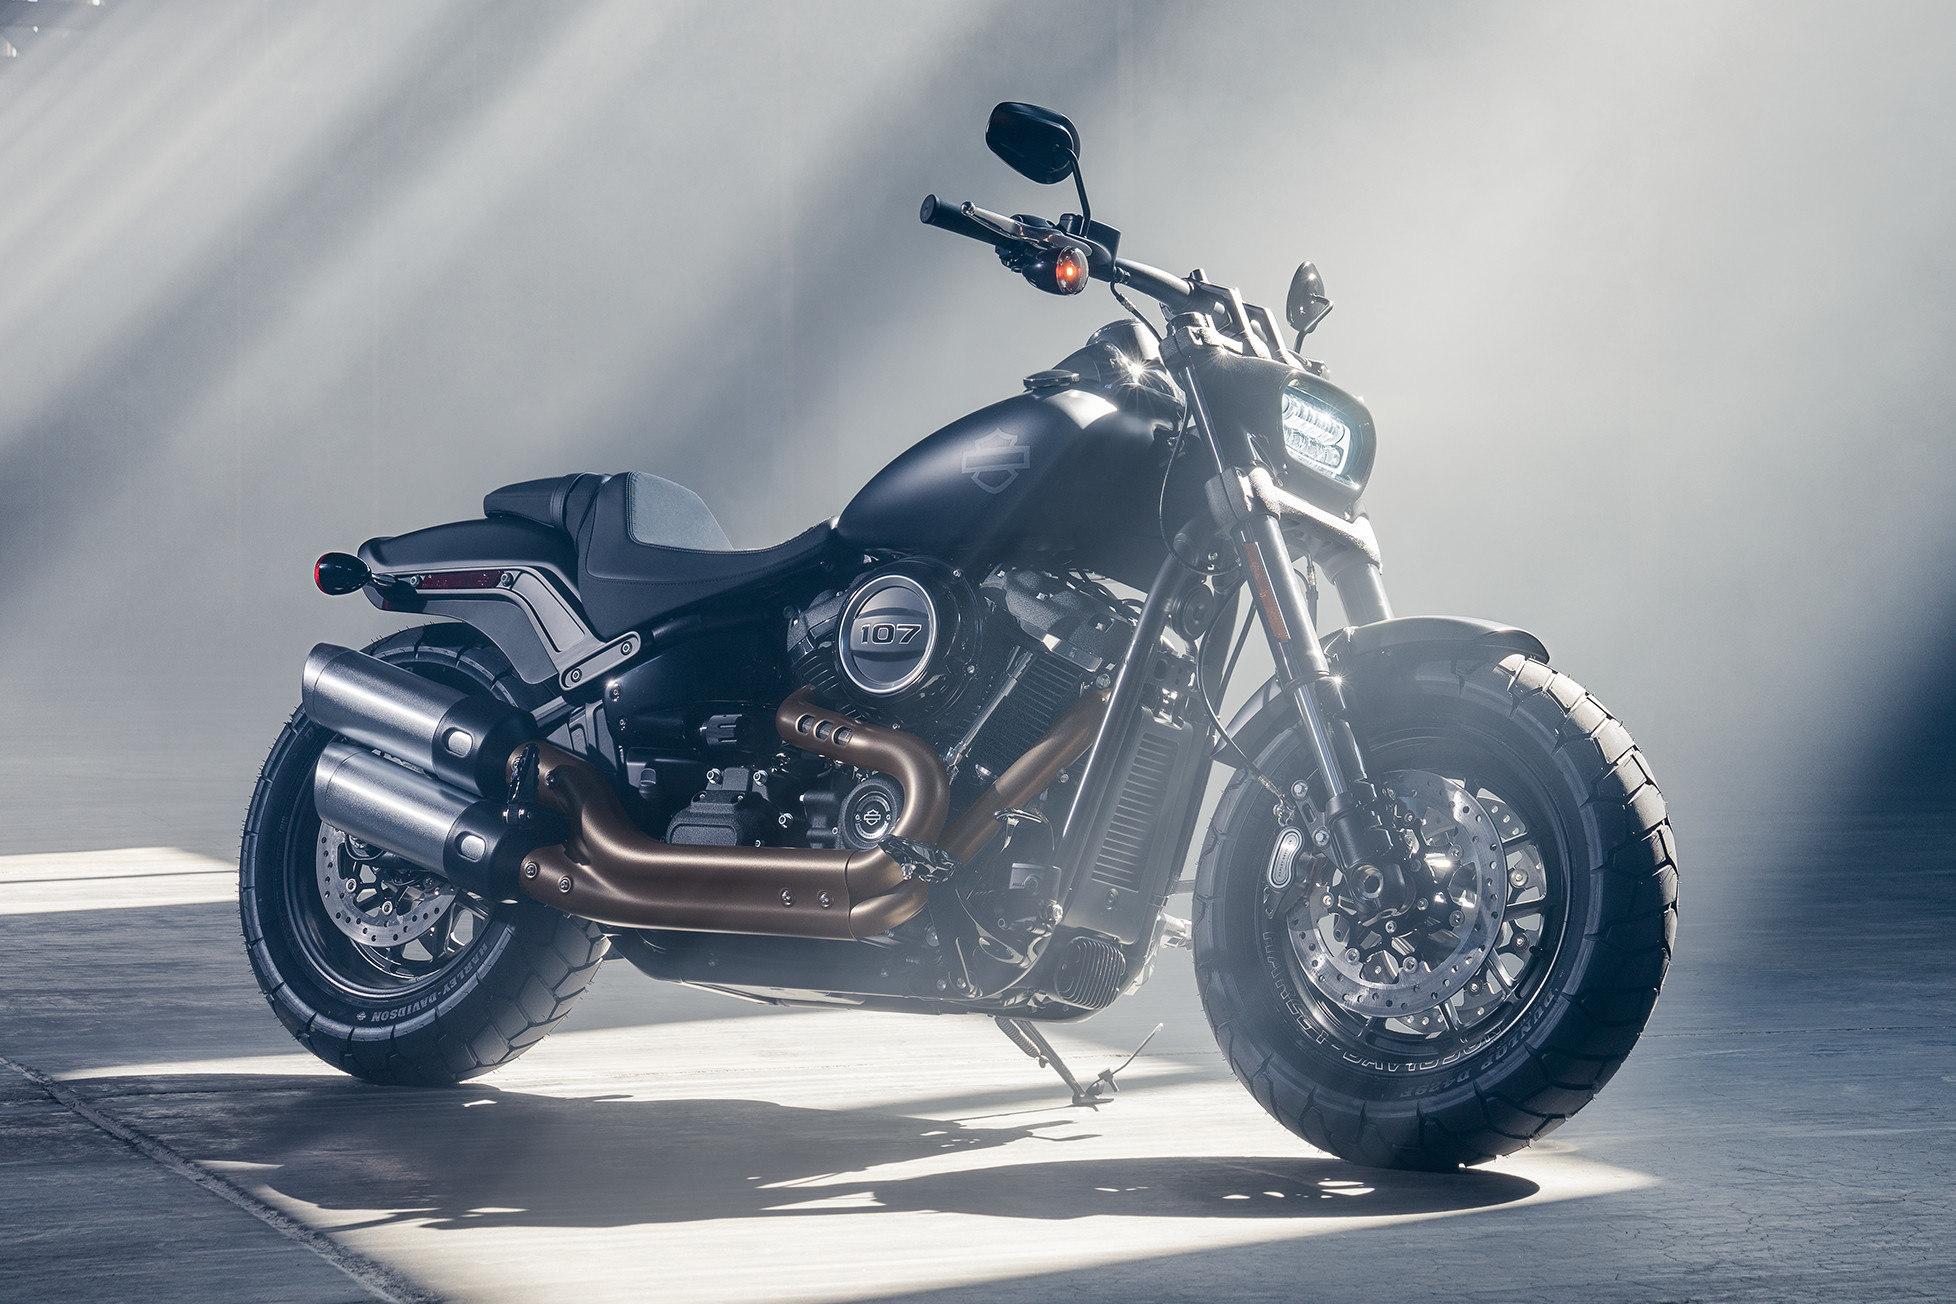 100% di alta qualità miglior posto per vendite all'ingrosso FAT BOB 2018 - Harley-Davidson Perugia